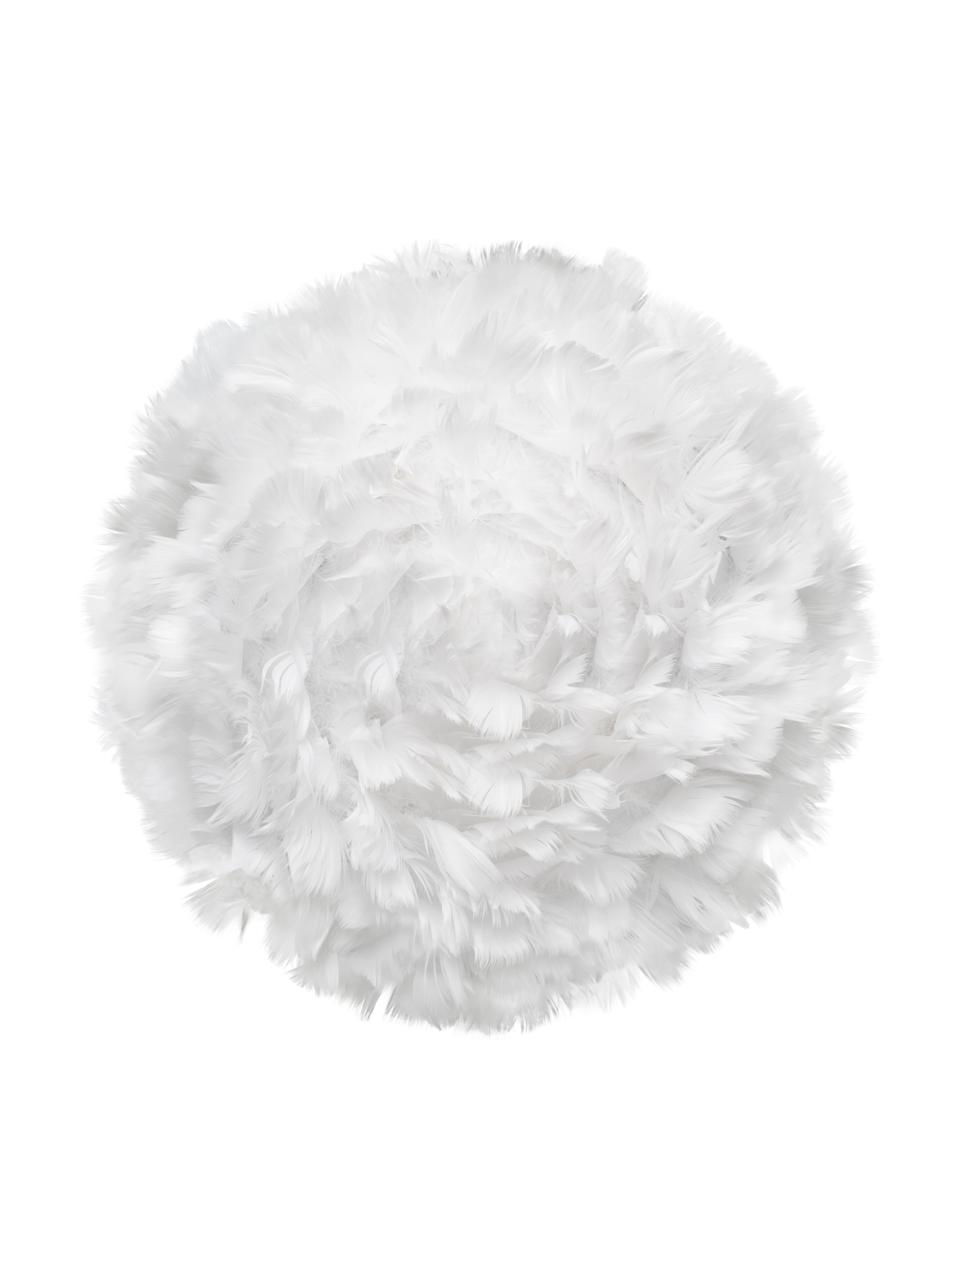 Kinkiet/lampa sufitowa z piór Eos Up, Biały, Ø 40 x G 15 cm